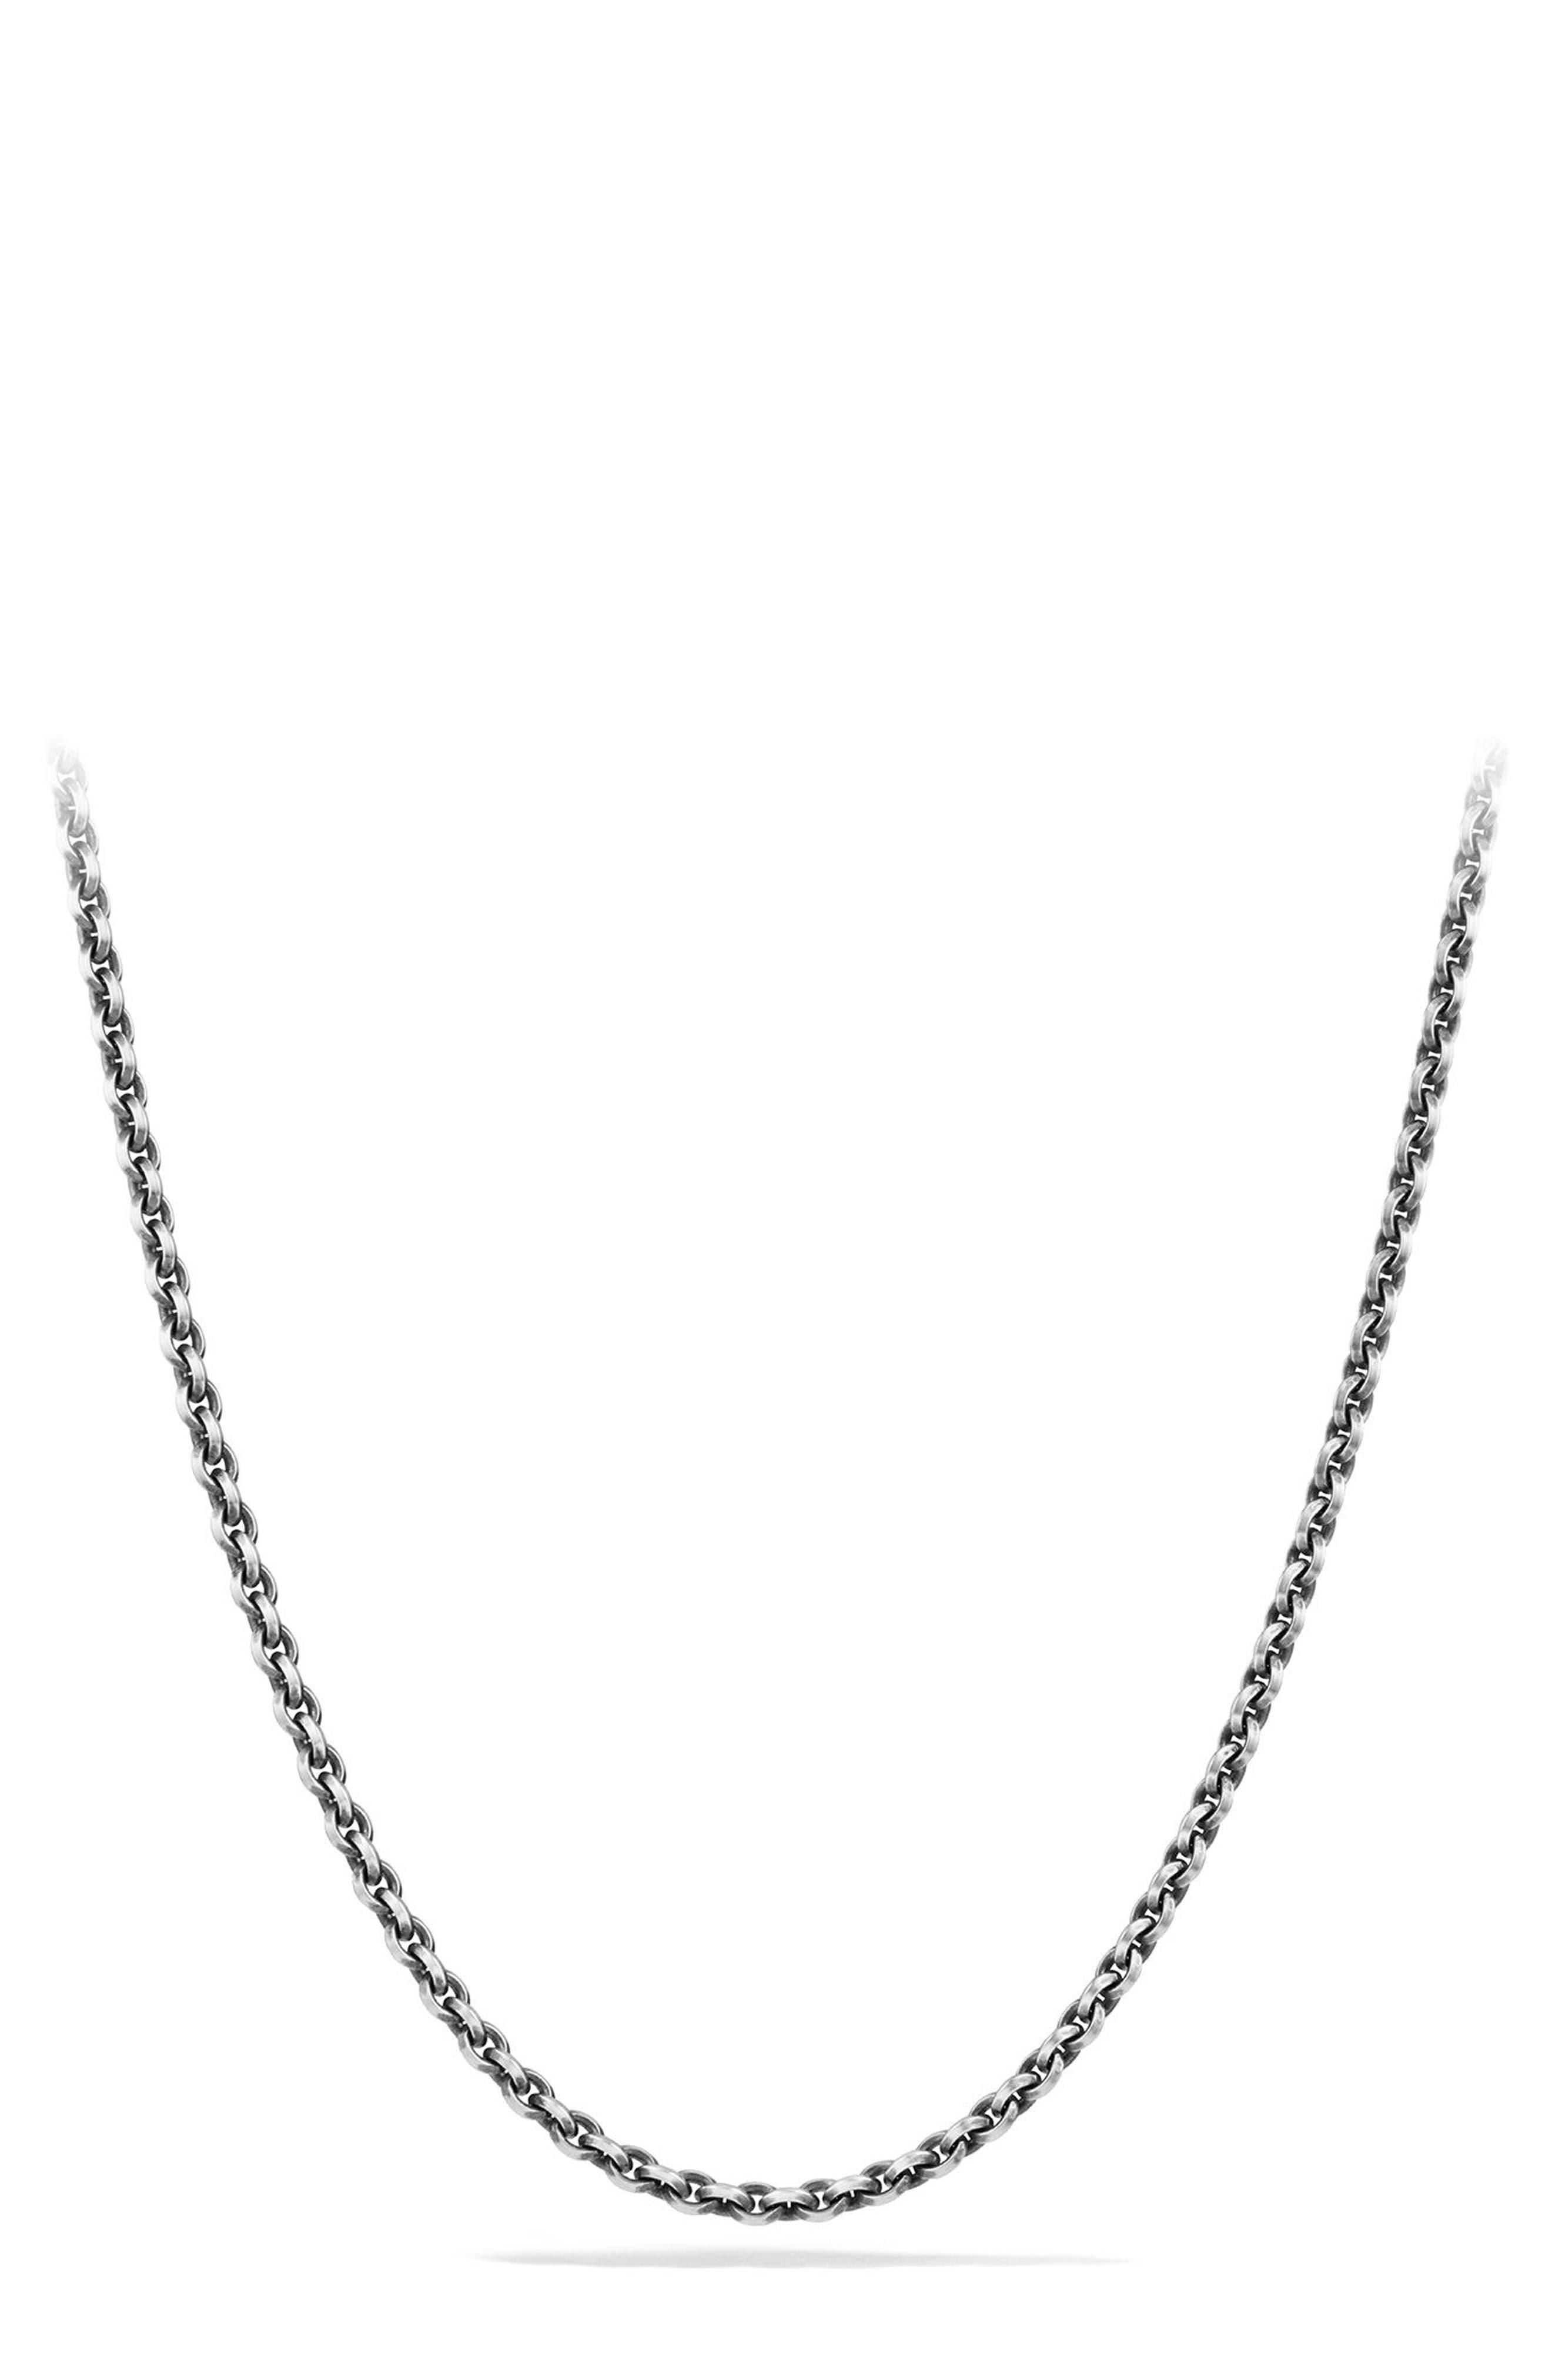 Main Image - David Yurman Knife Edge Chain Necklace